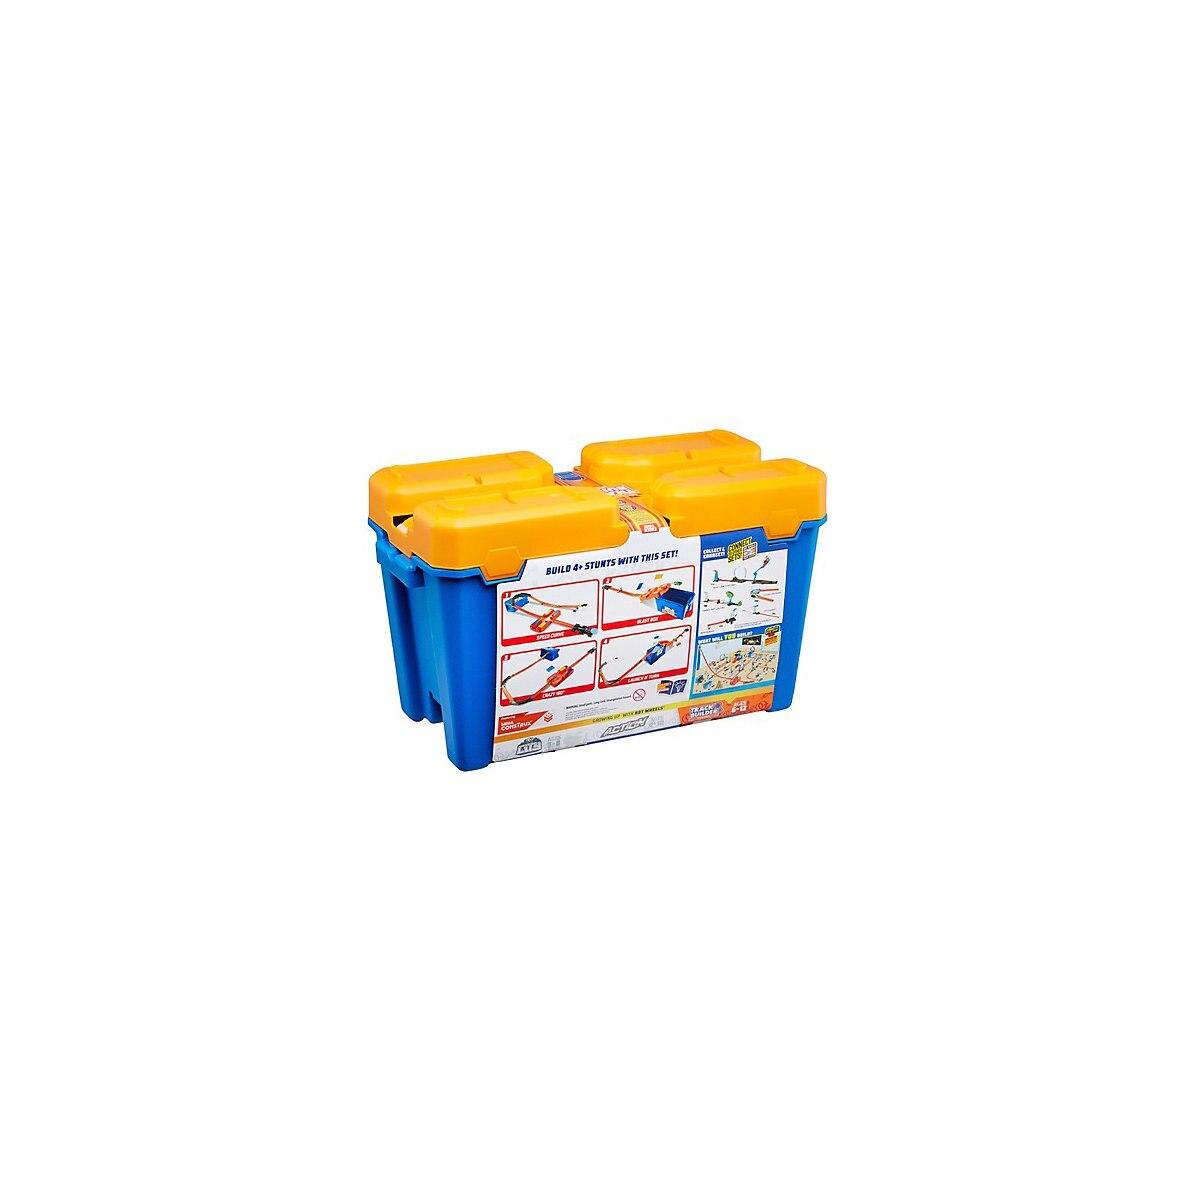 Ruedas calientes Diecasts y vehículos de juguete 9633976 Ars modelo coche juguetes de bebé para niños Juego MTpromo